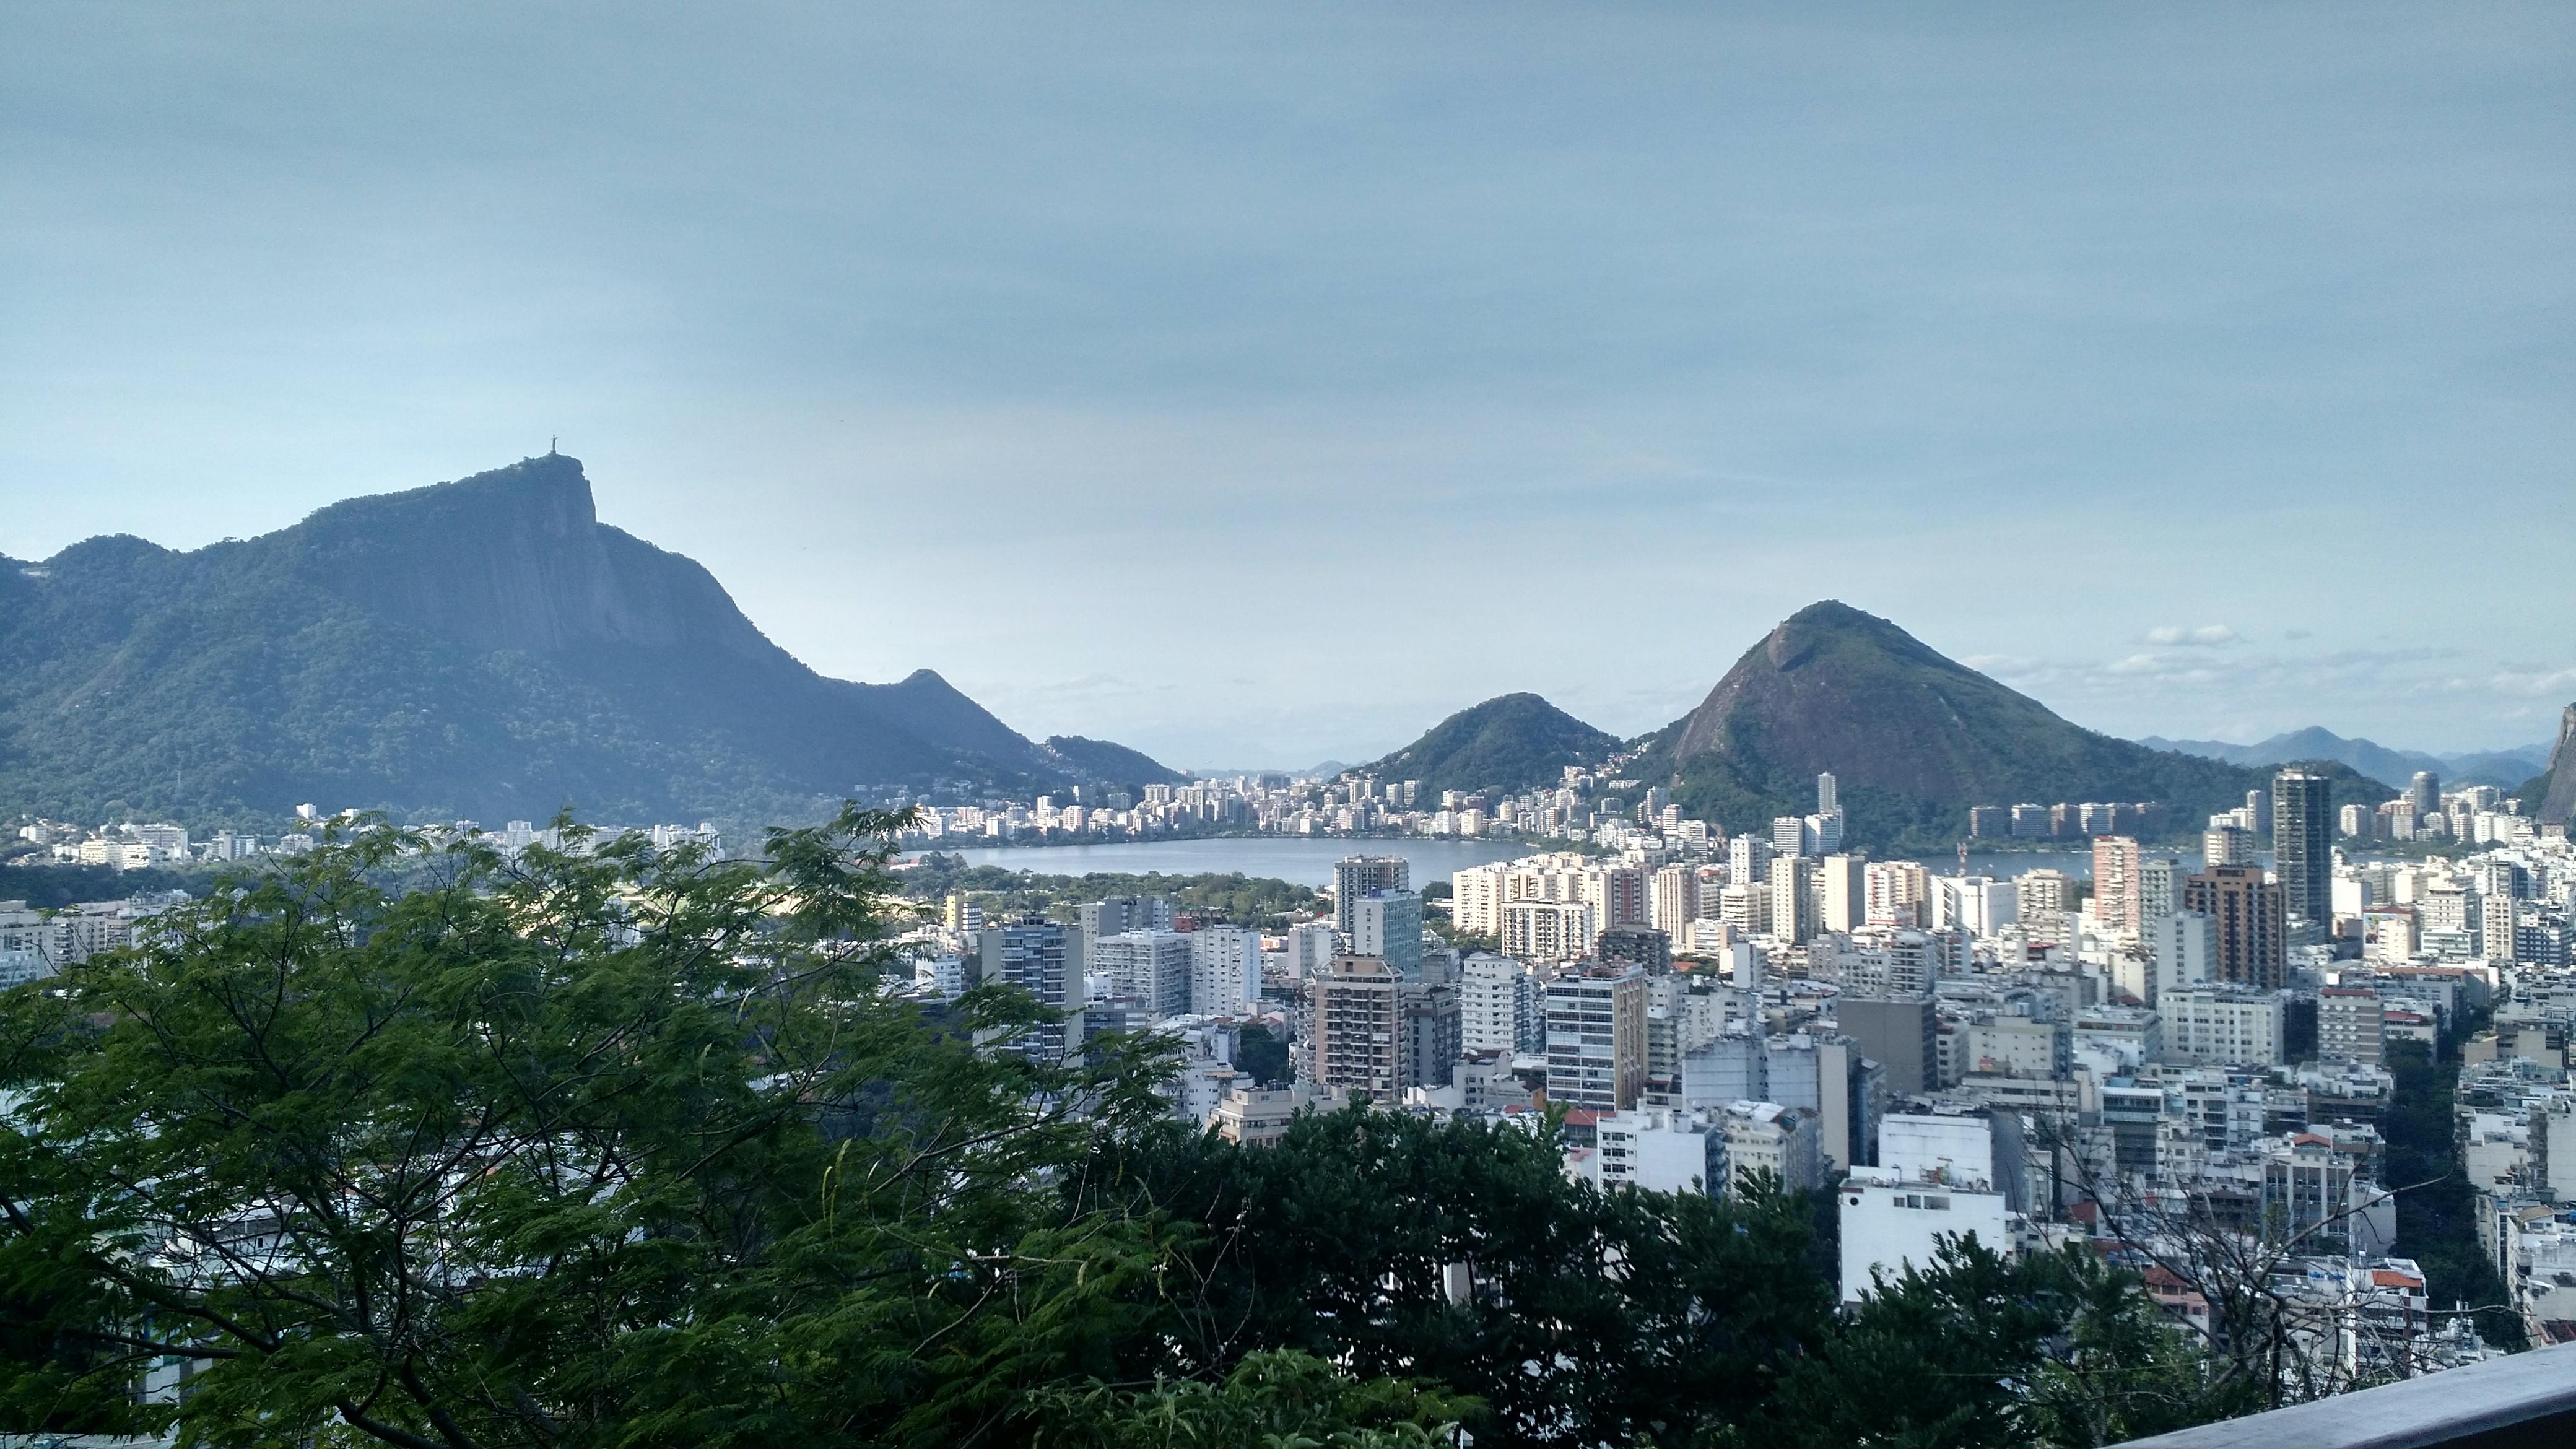 Two Brothers, Rio de Janeiro